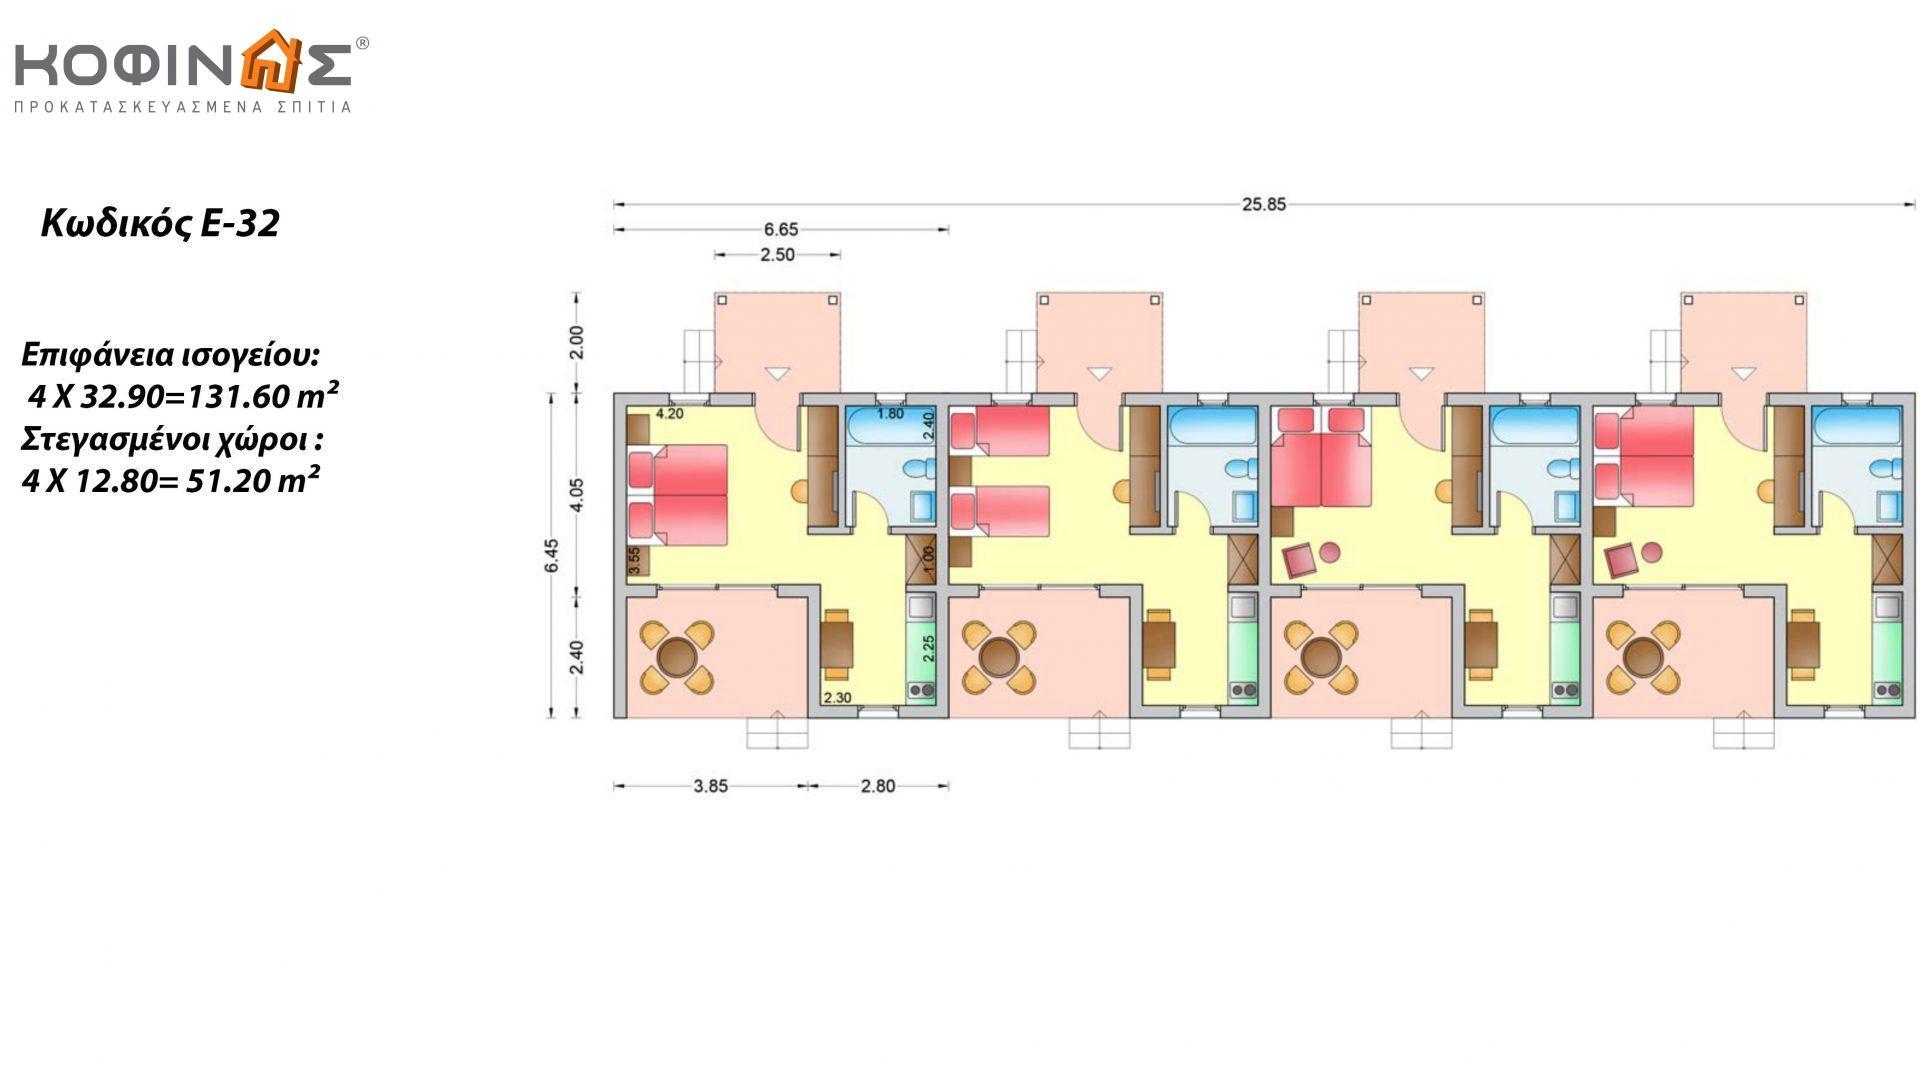 Συγκρότημα Κατοικιών E-32, συνολικής επιφάνειας 4 x 32,90 = 131,60 τ.μ. , συνολική επιφάνεια στεγασμένων χώρων 51.20 m²